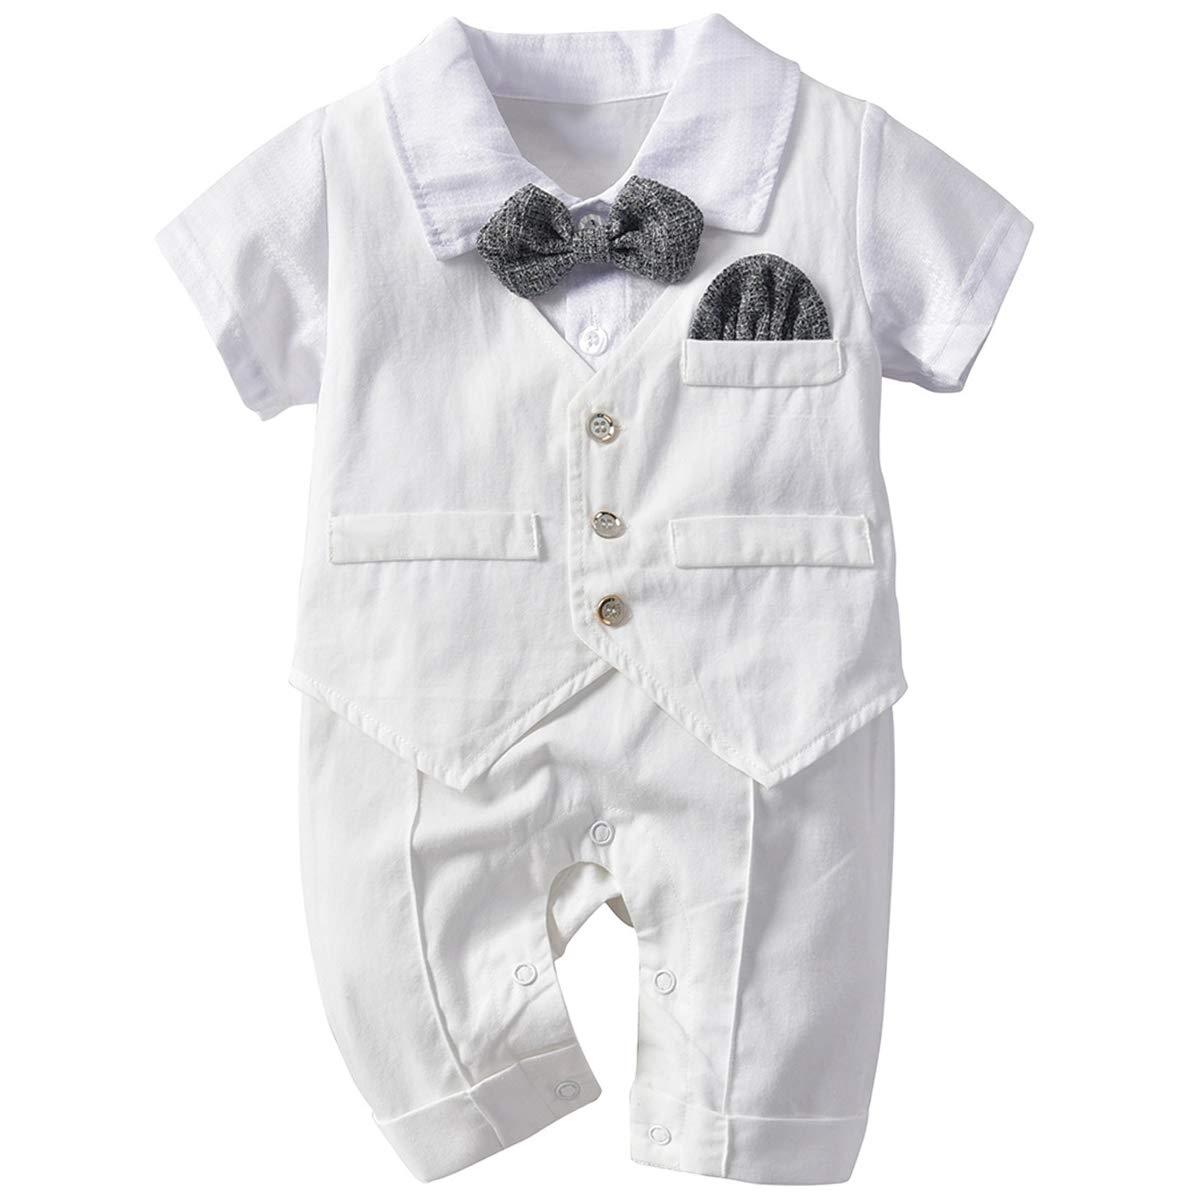 Famuka Baby Junge Festanzug Taufeanzug Sommer Baby Strampler Taufe Hochzeit Babykleidung